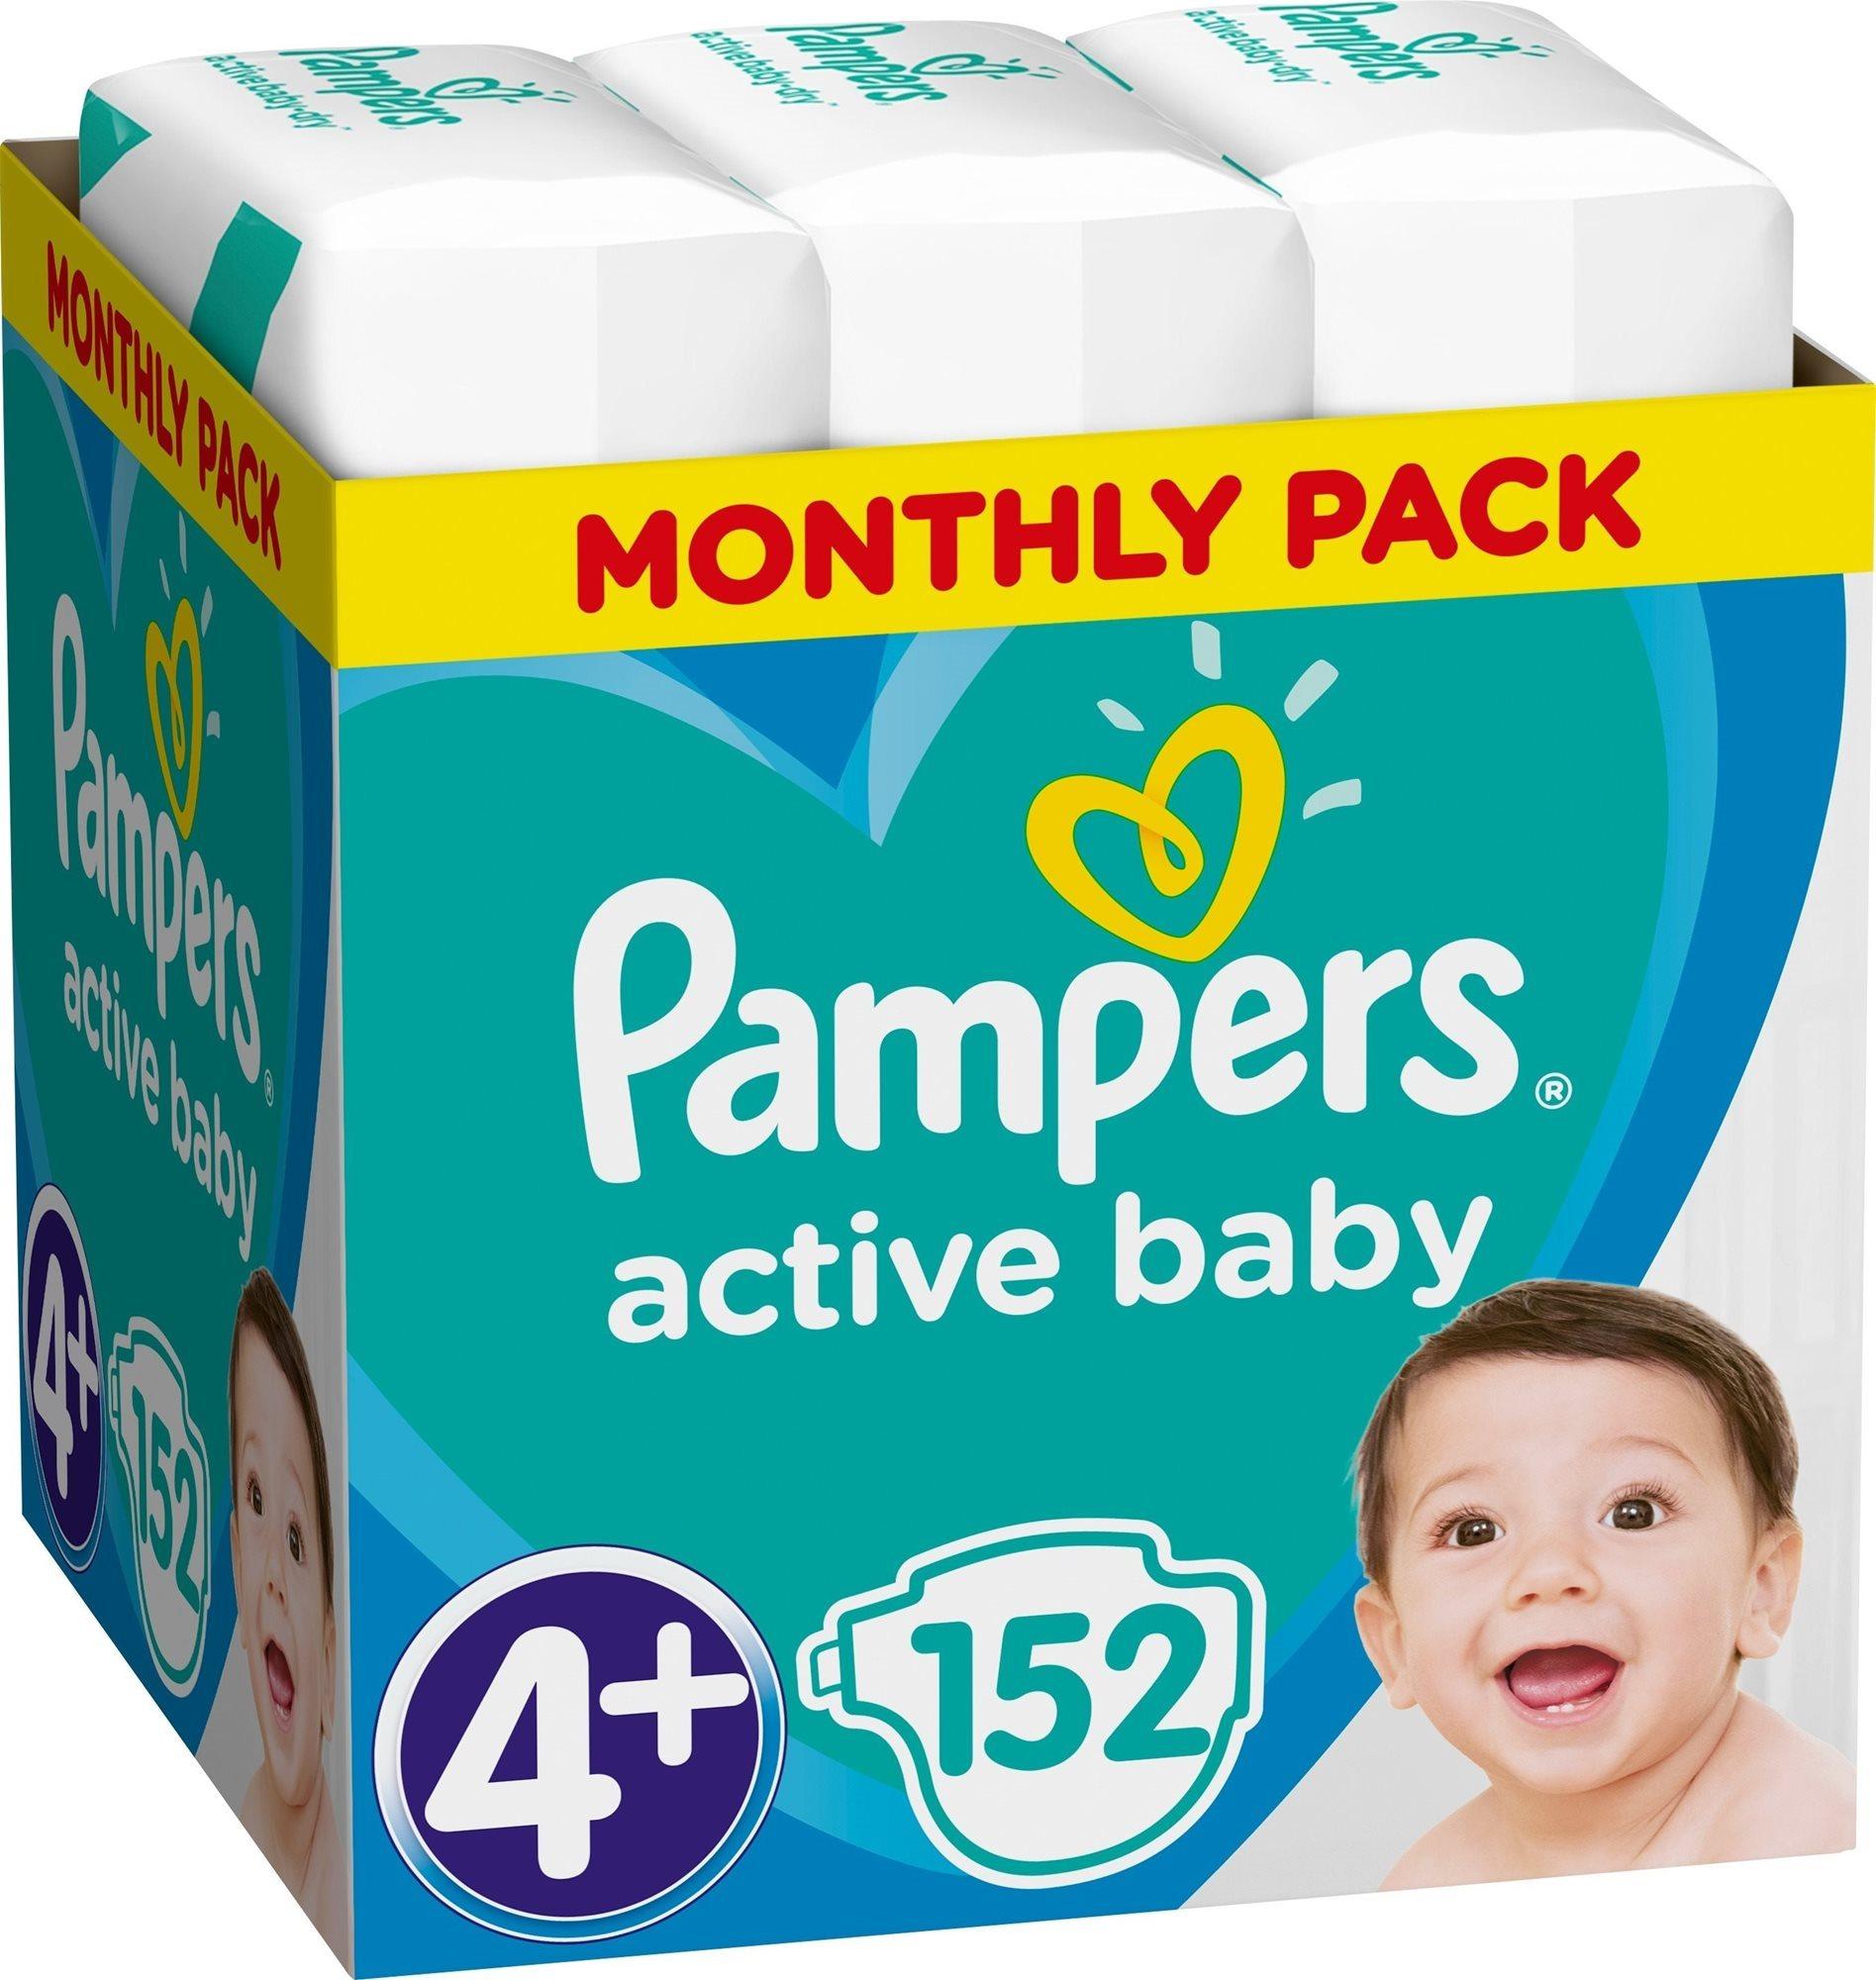 Dětské pleny PAMPERS Active Baby-Dry vel. 4+ Maxi (152 ks) - měsíční balení